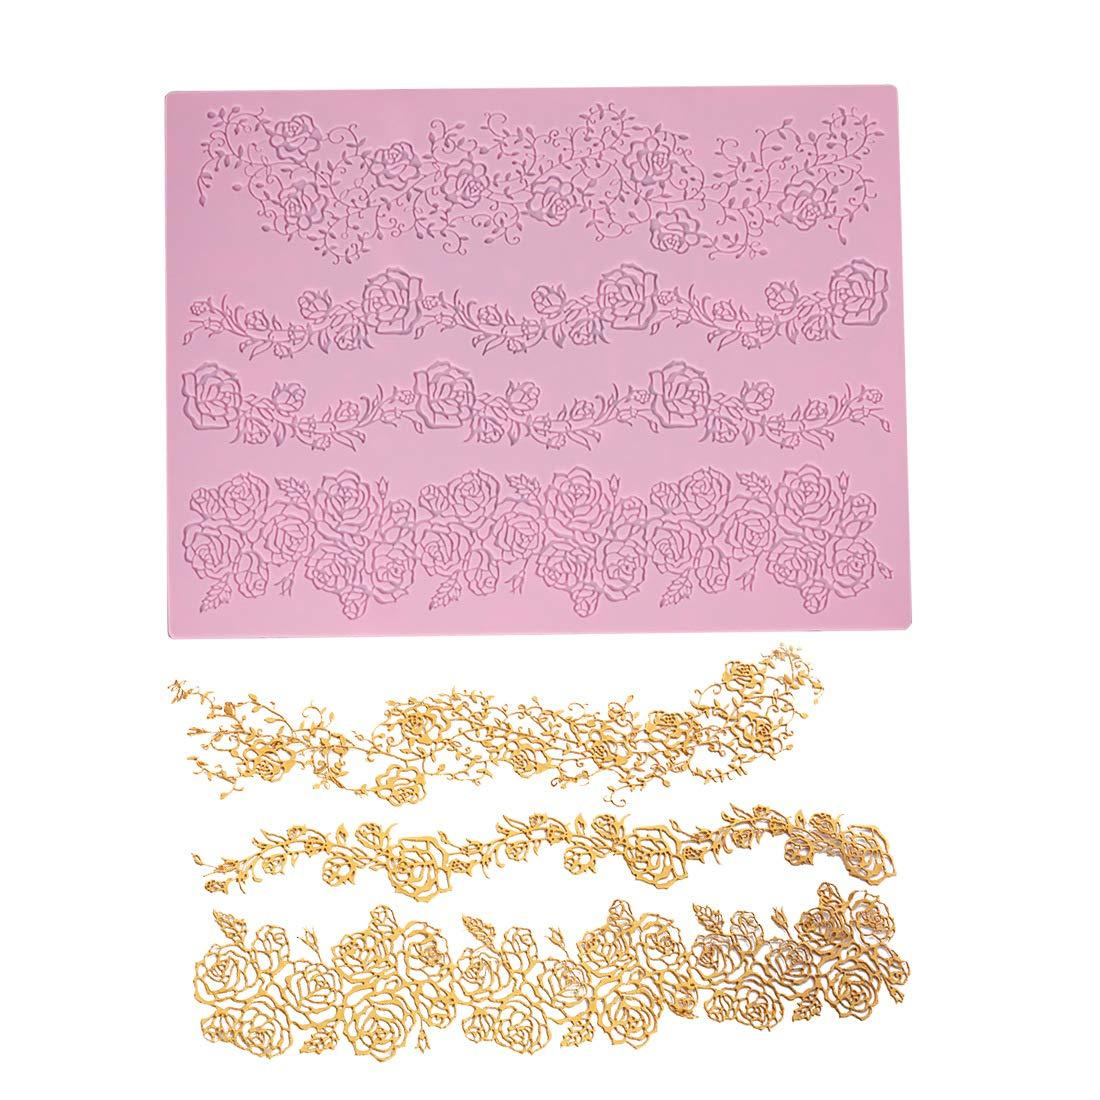 Grande tappetino da forno in silicone con motivo floreale rosa in rilievo 39,4 x 29 cm decorazione per torte con merletto